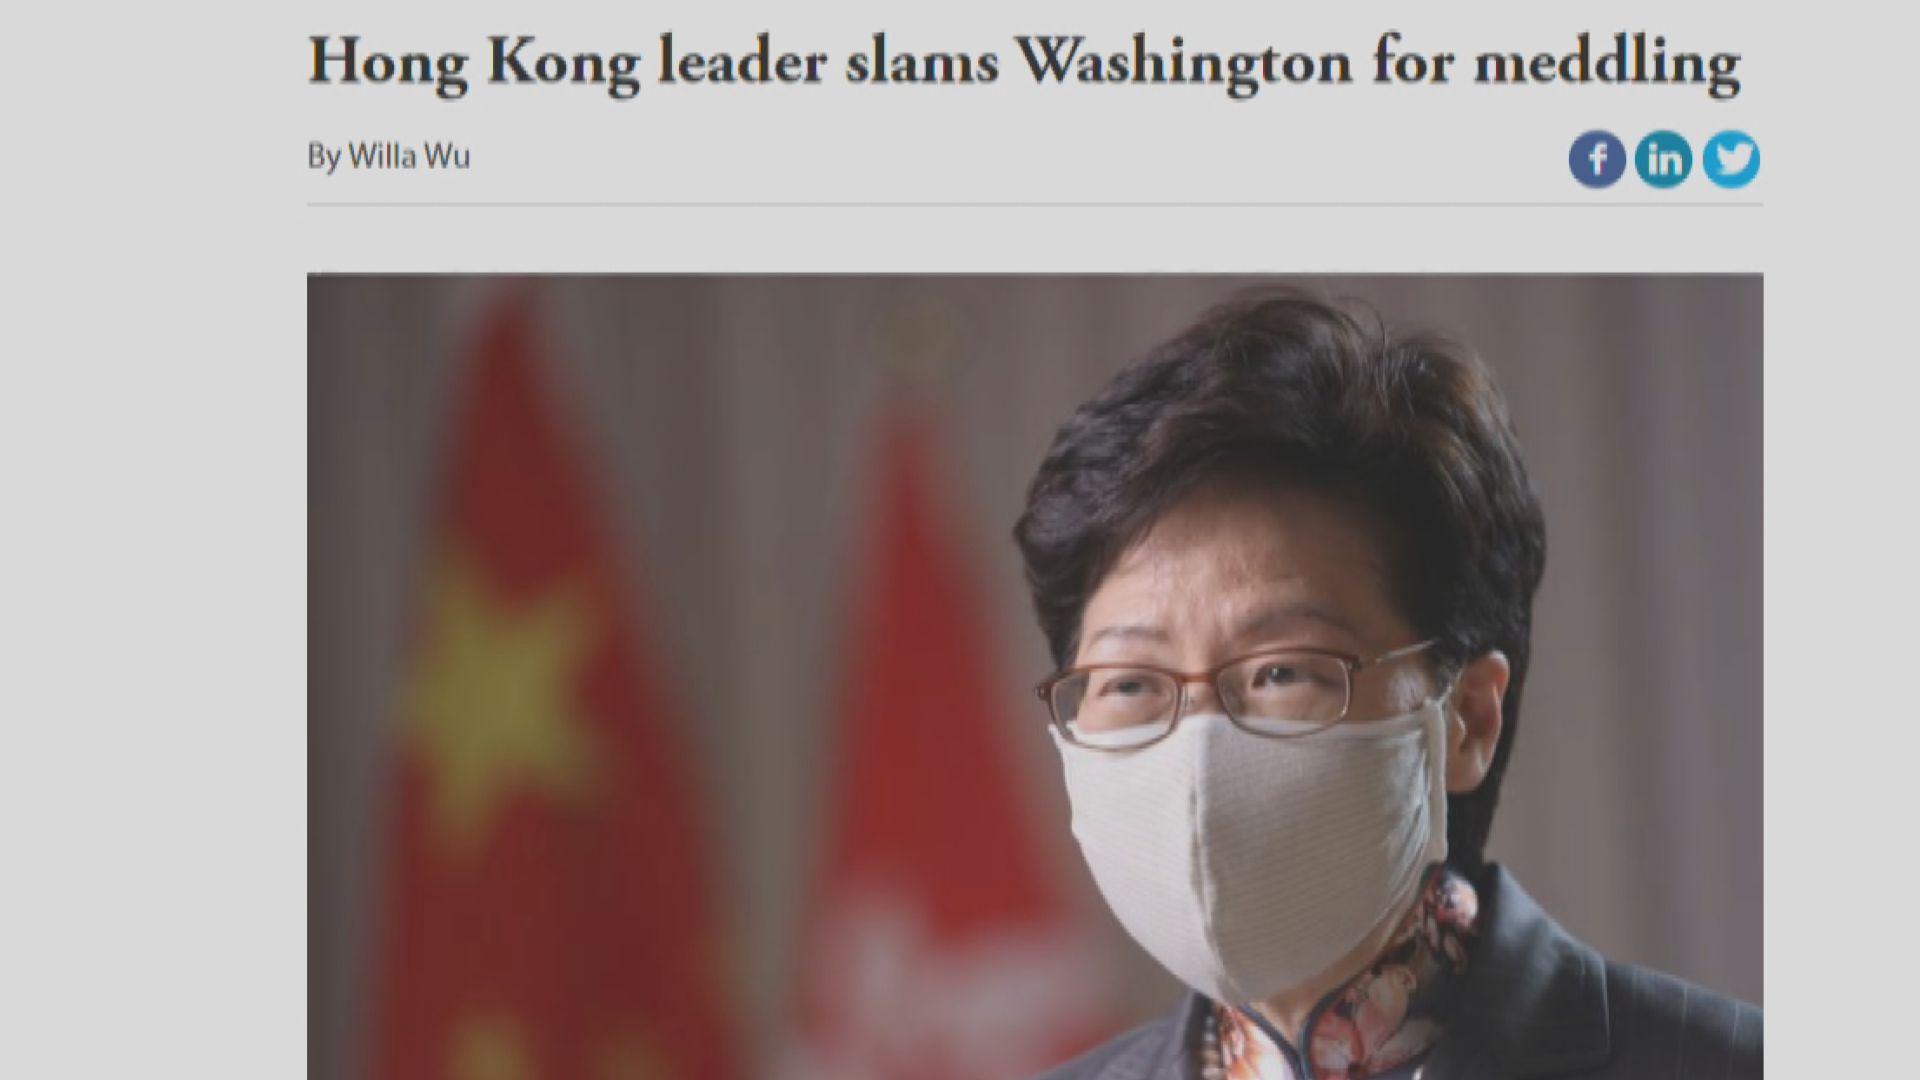 林鄭月娥:港區國安法是履行一國兩制最重要突破